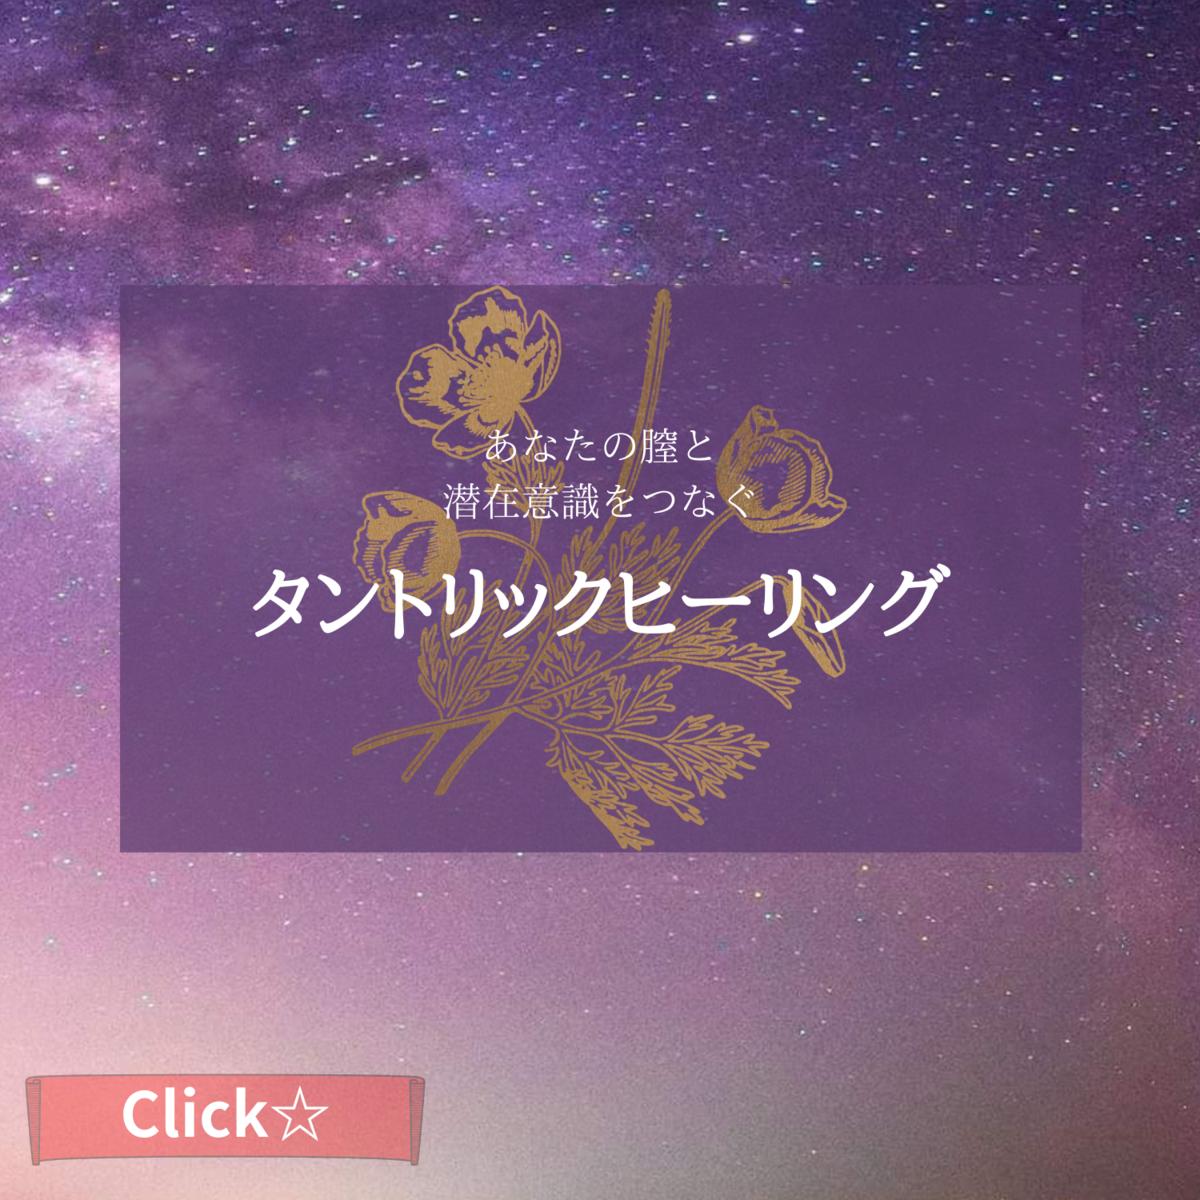 f:id:mayumi-diary:20210621125049p:plain